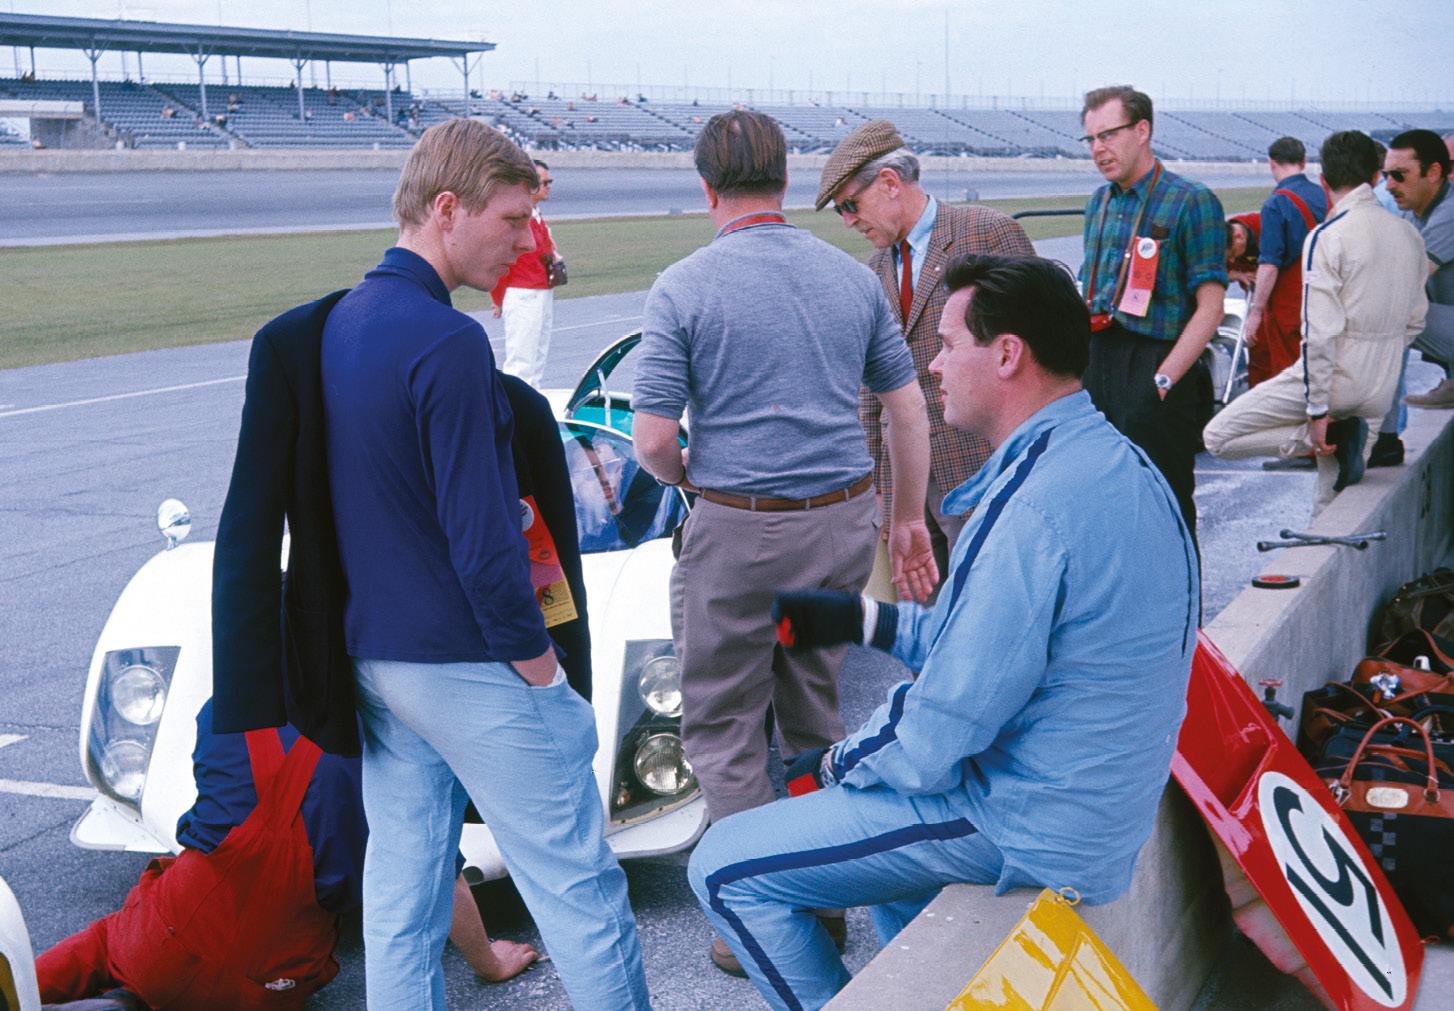 Gijs van Lennep (blue jacket) in '67 Daytona Porsche pit talks to Udo Shütz sat on the pit wall. Behind, Huschke von Hanstein (cap).